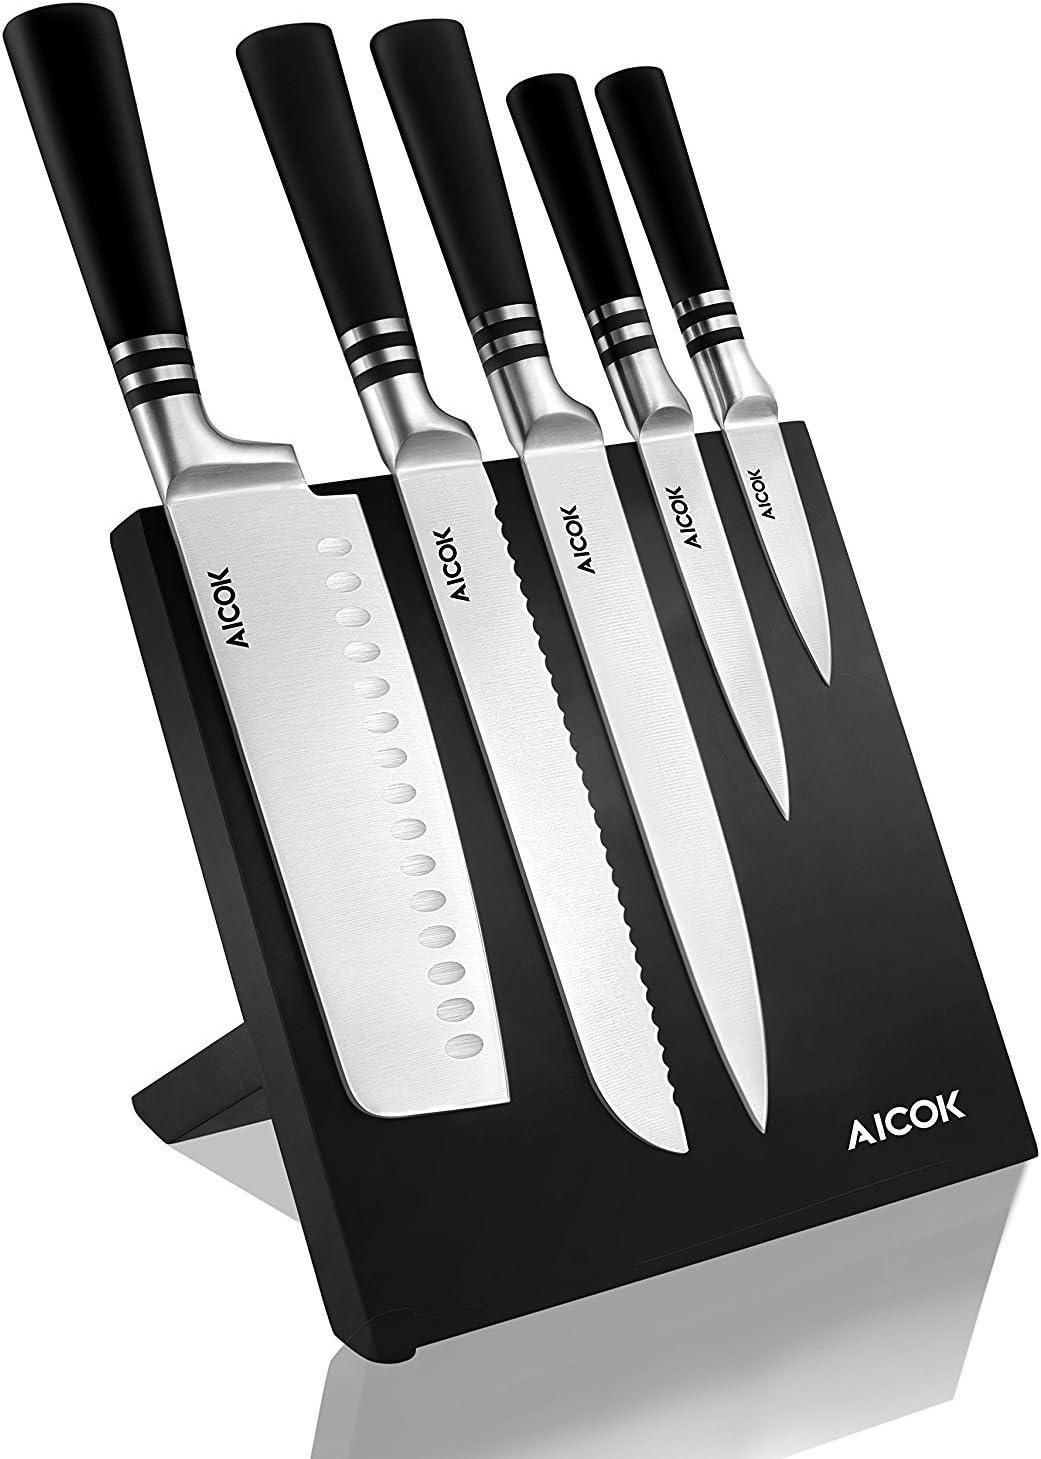 Aicok cuchillos, set de cuchillos de carbono inoxidable alemán. Incluye 5 cuchillos diferentes y un soporte magnético para ellos: Amazon.es: Bricolaje y herramientas